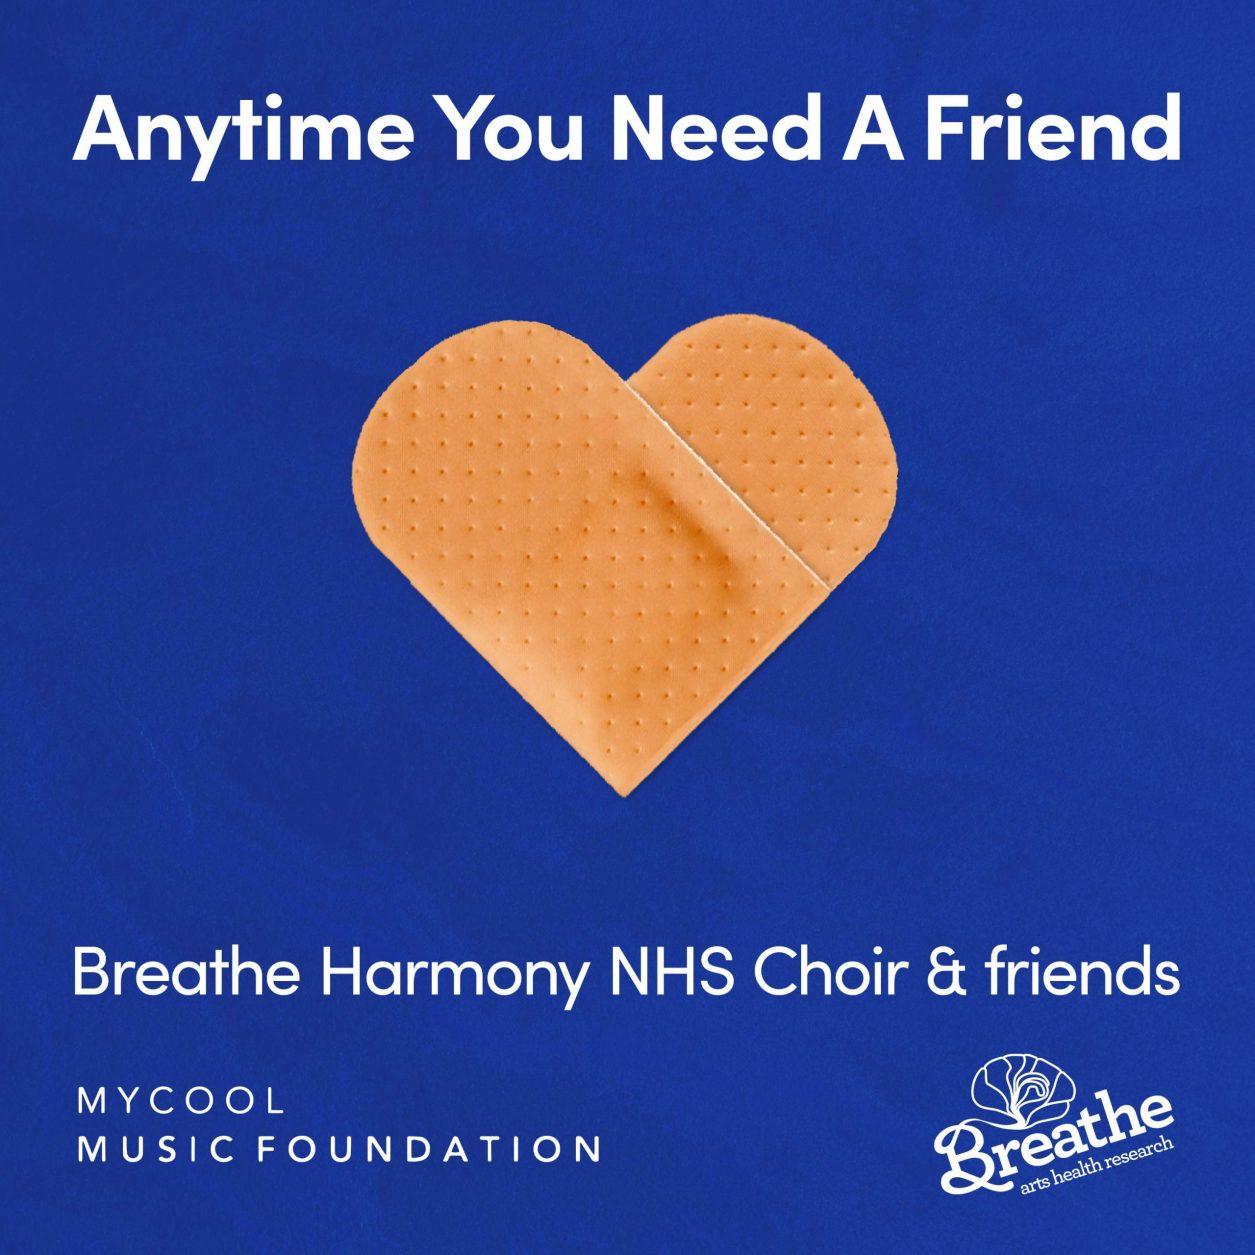 Breathe Harmony Album Cover with logos